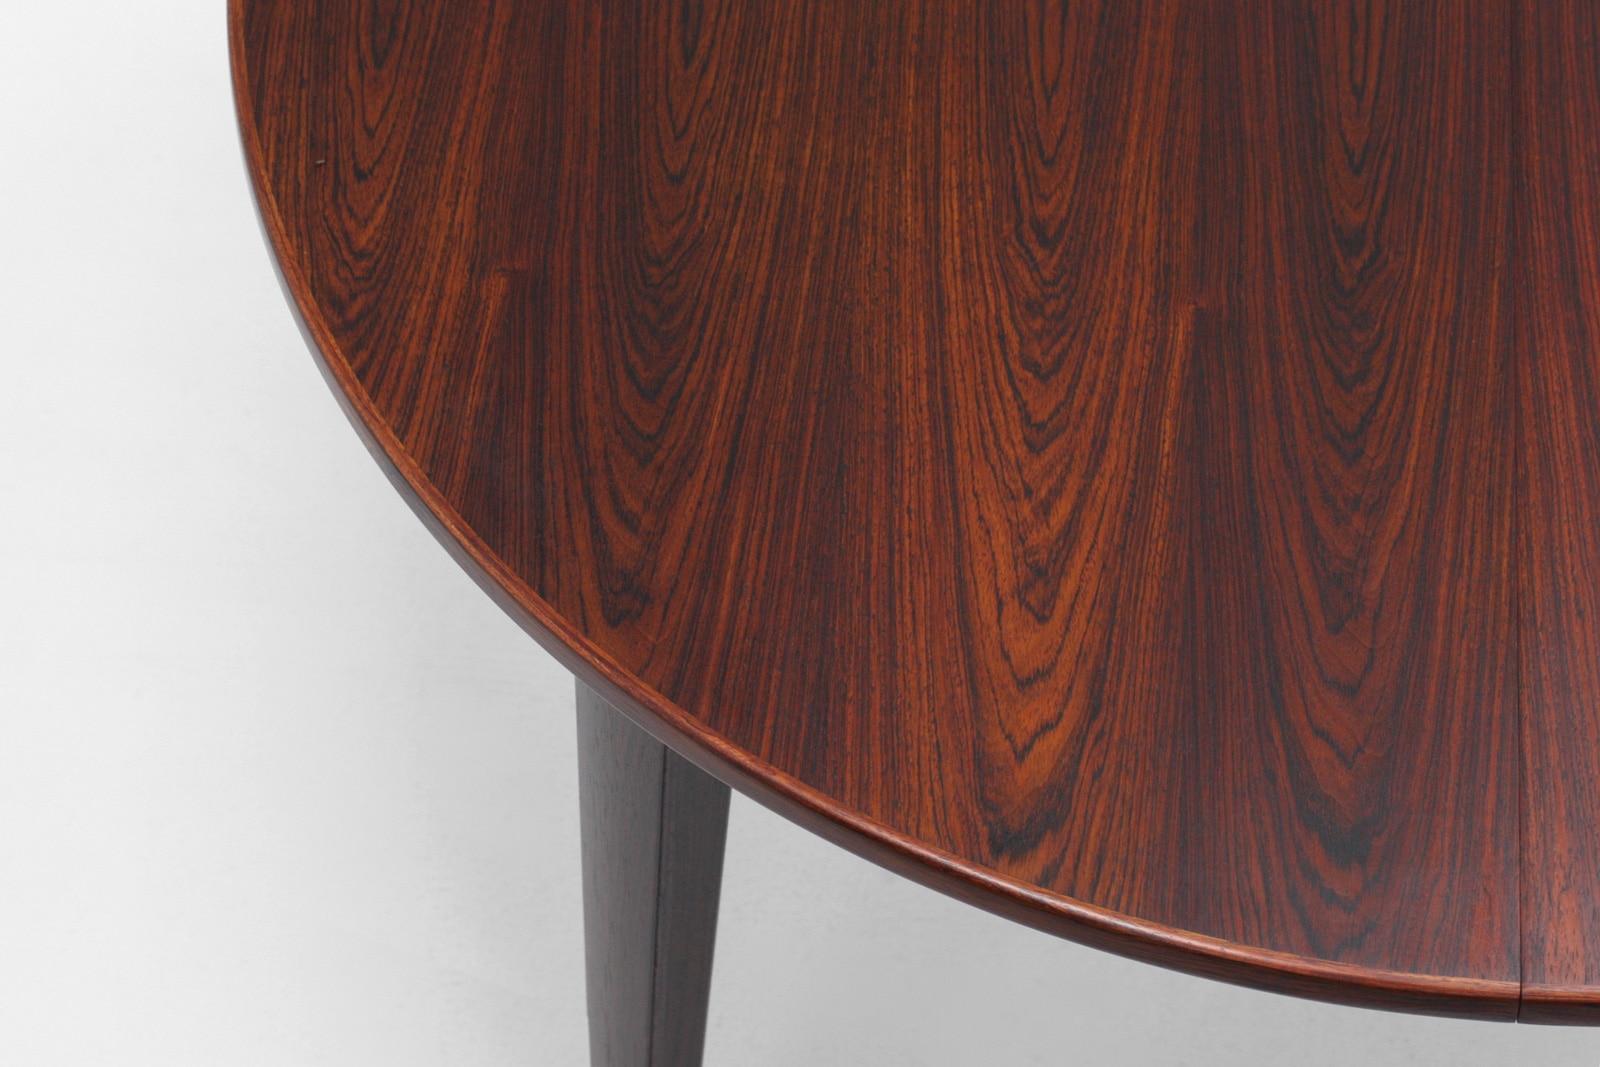 オーマンジュン,ダイニングテーブル,円形,ローズウッド,model55,北欧,デザイナーズ,家具